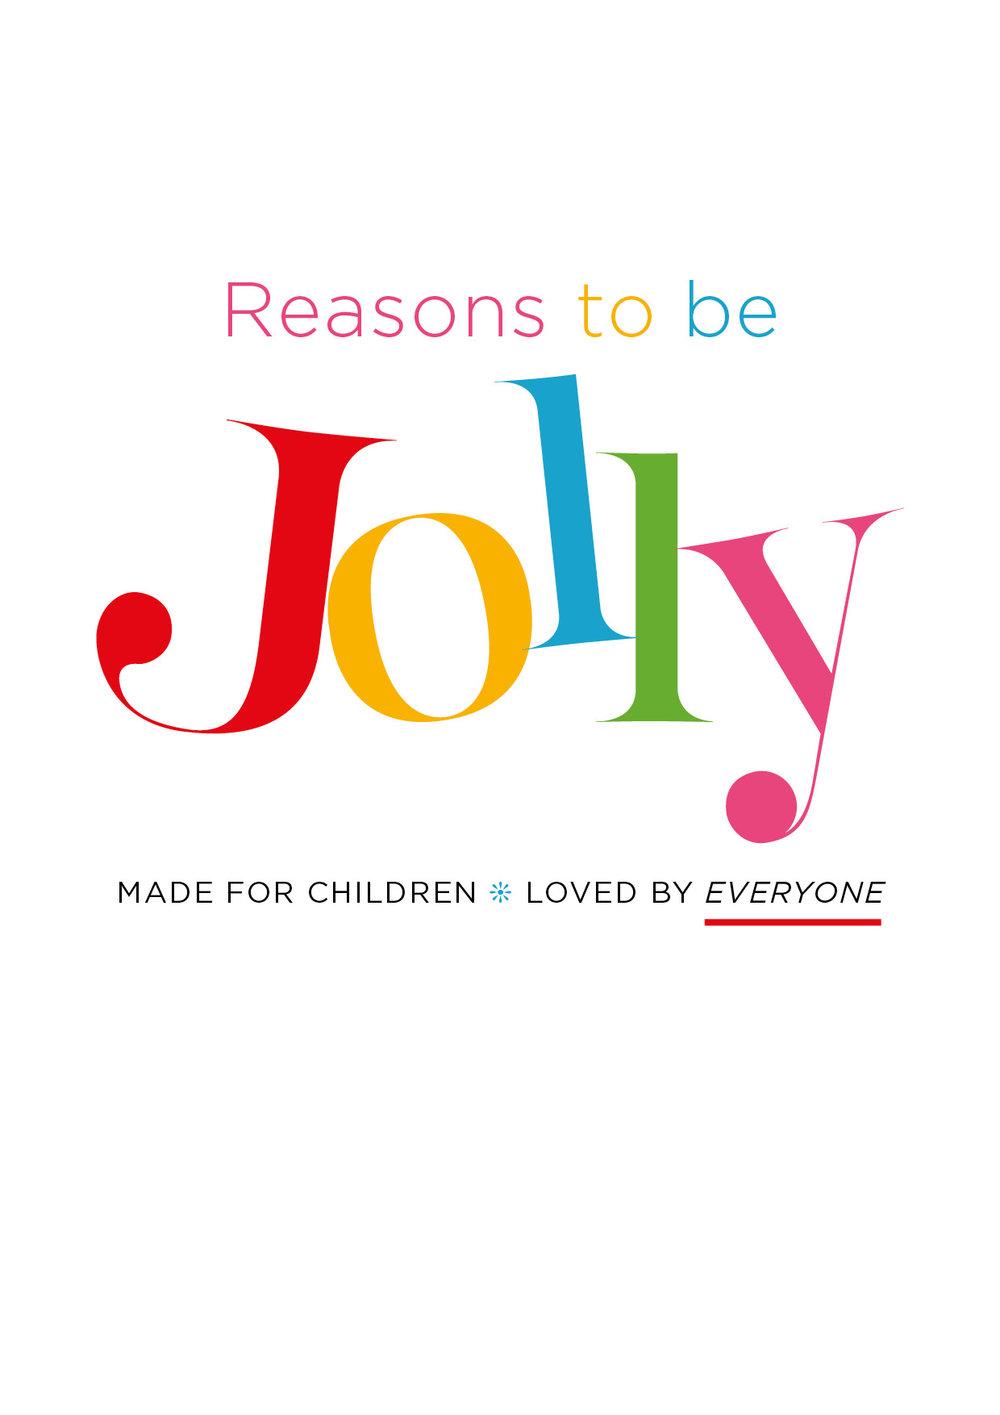 REASONS TO BE JOLLY LOGO IDEAS.jpg